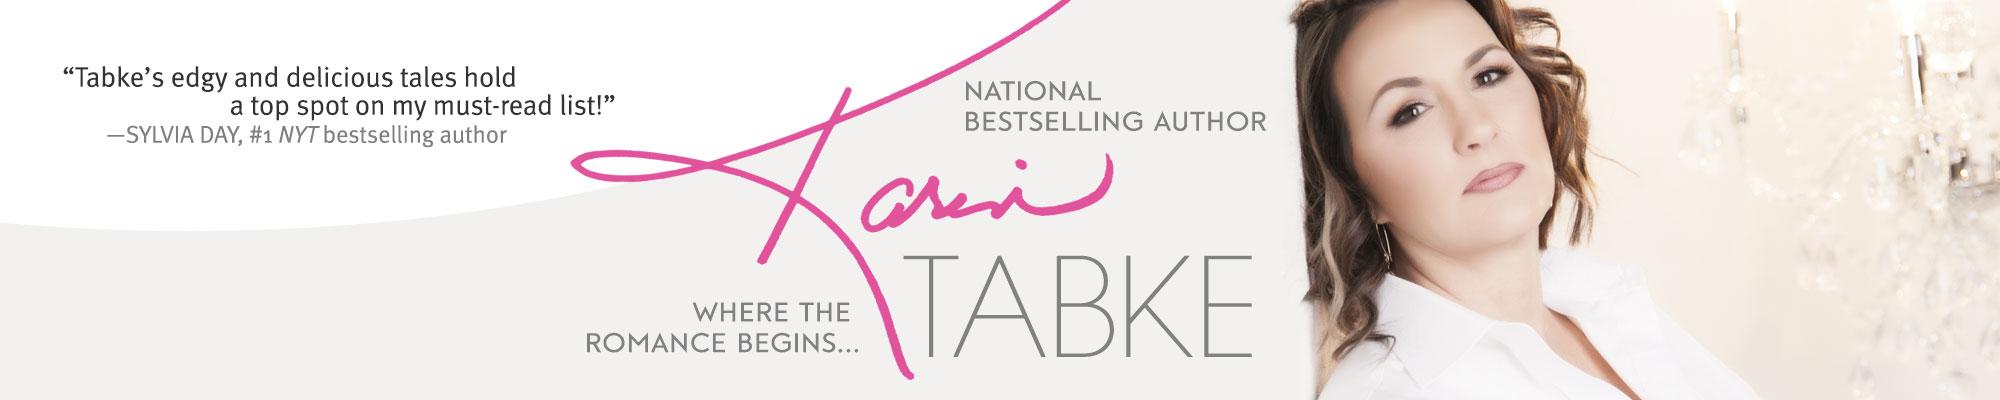 Karin Tabke | National Bestselling Author